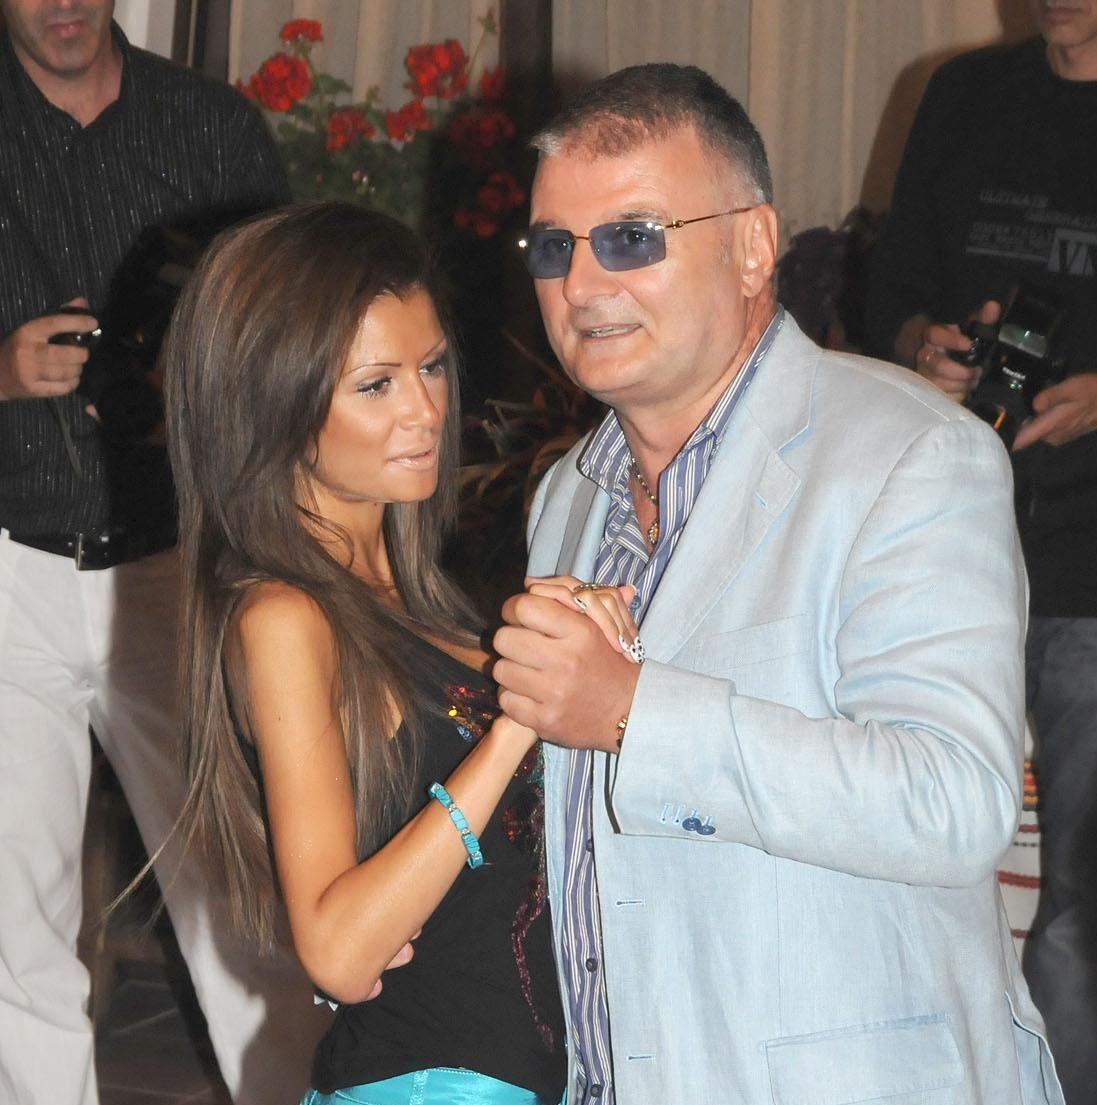 Христо Сираков се забавлява с нова дама